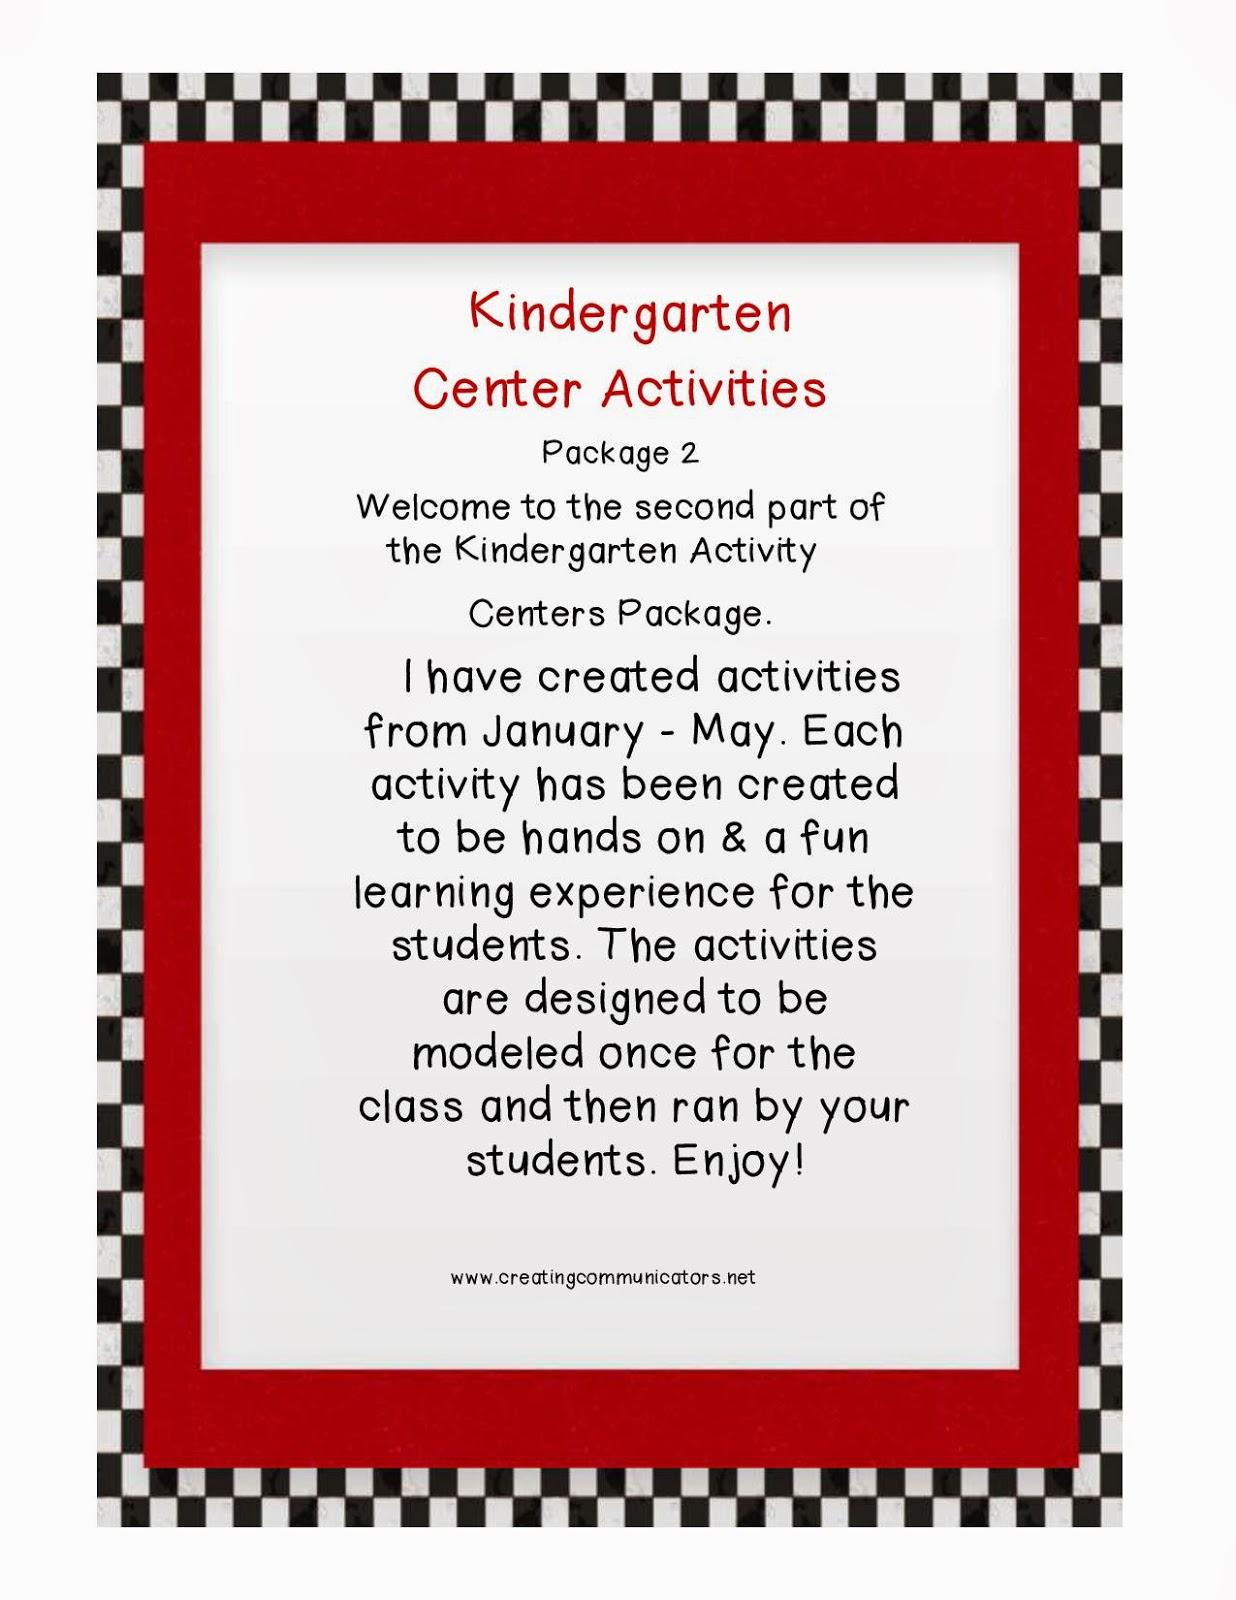 Creating Communicators Kindergarten Activity Centers